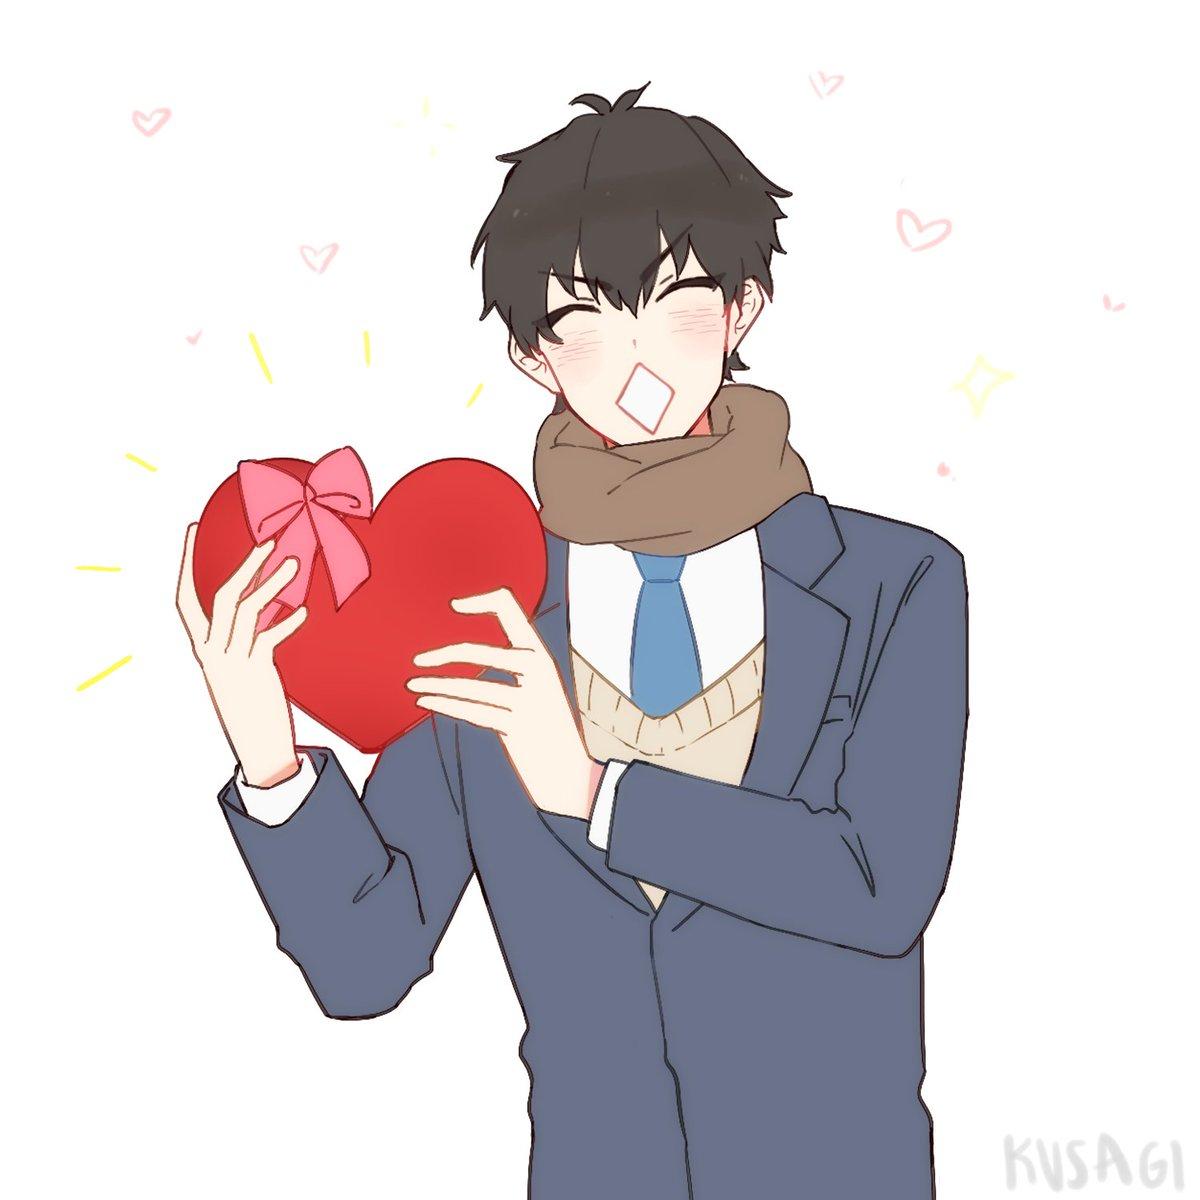 RT @_kvsagi: happy valentines day!!❤️ #misawa https://t.co/rk0ygYsprQ